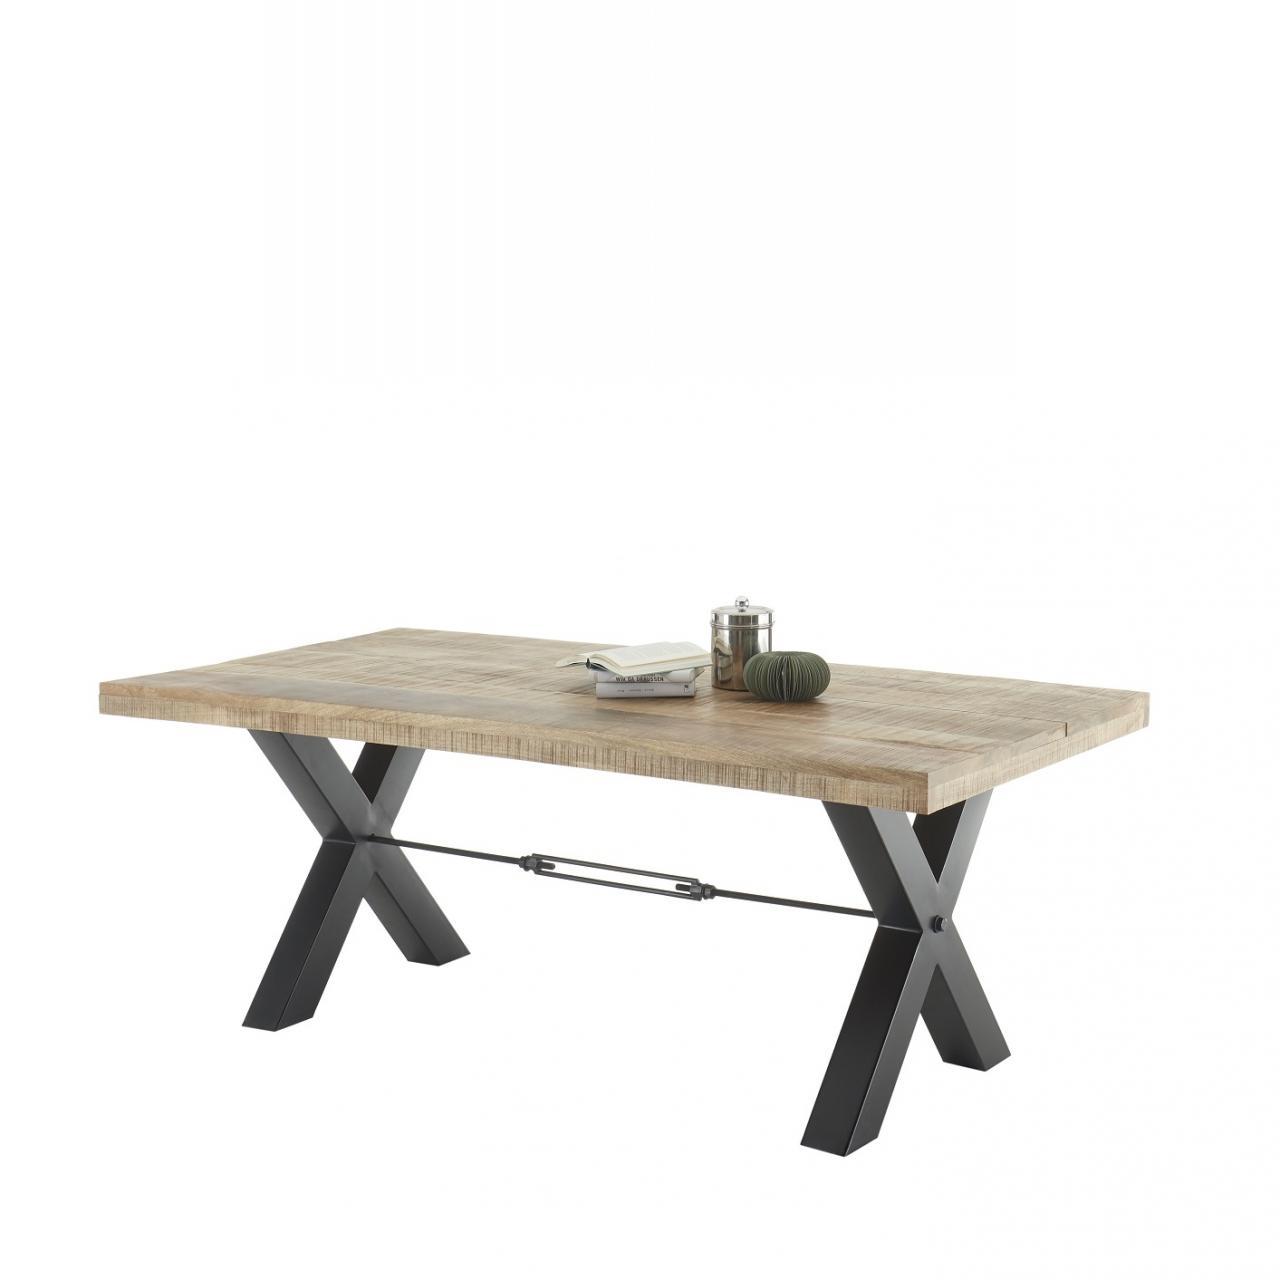 Esstisch Dehli Mango Holz X Fuss Metall Schwarz Antik Kuchentisch Esszimmer Tisch Esstische Esszimmer Wohnen Mobel Jahnichen Center Gmbh